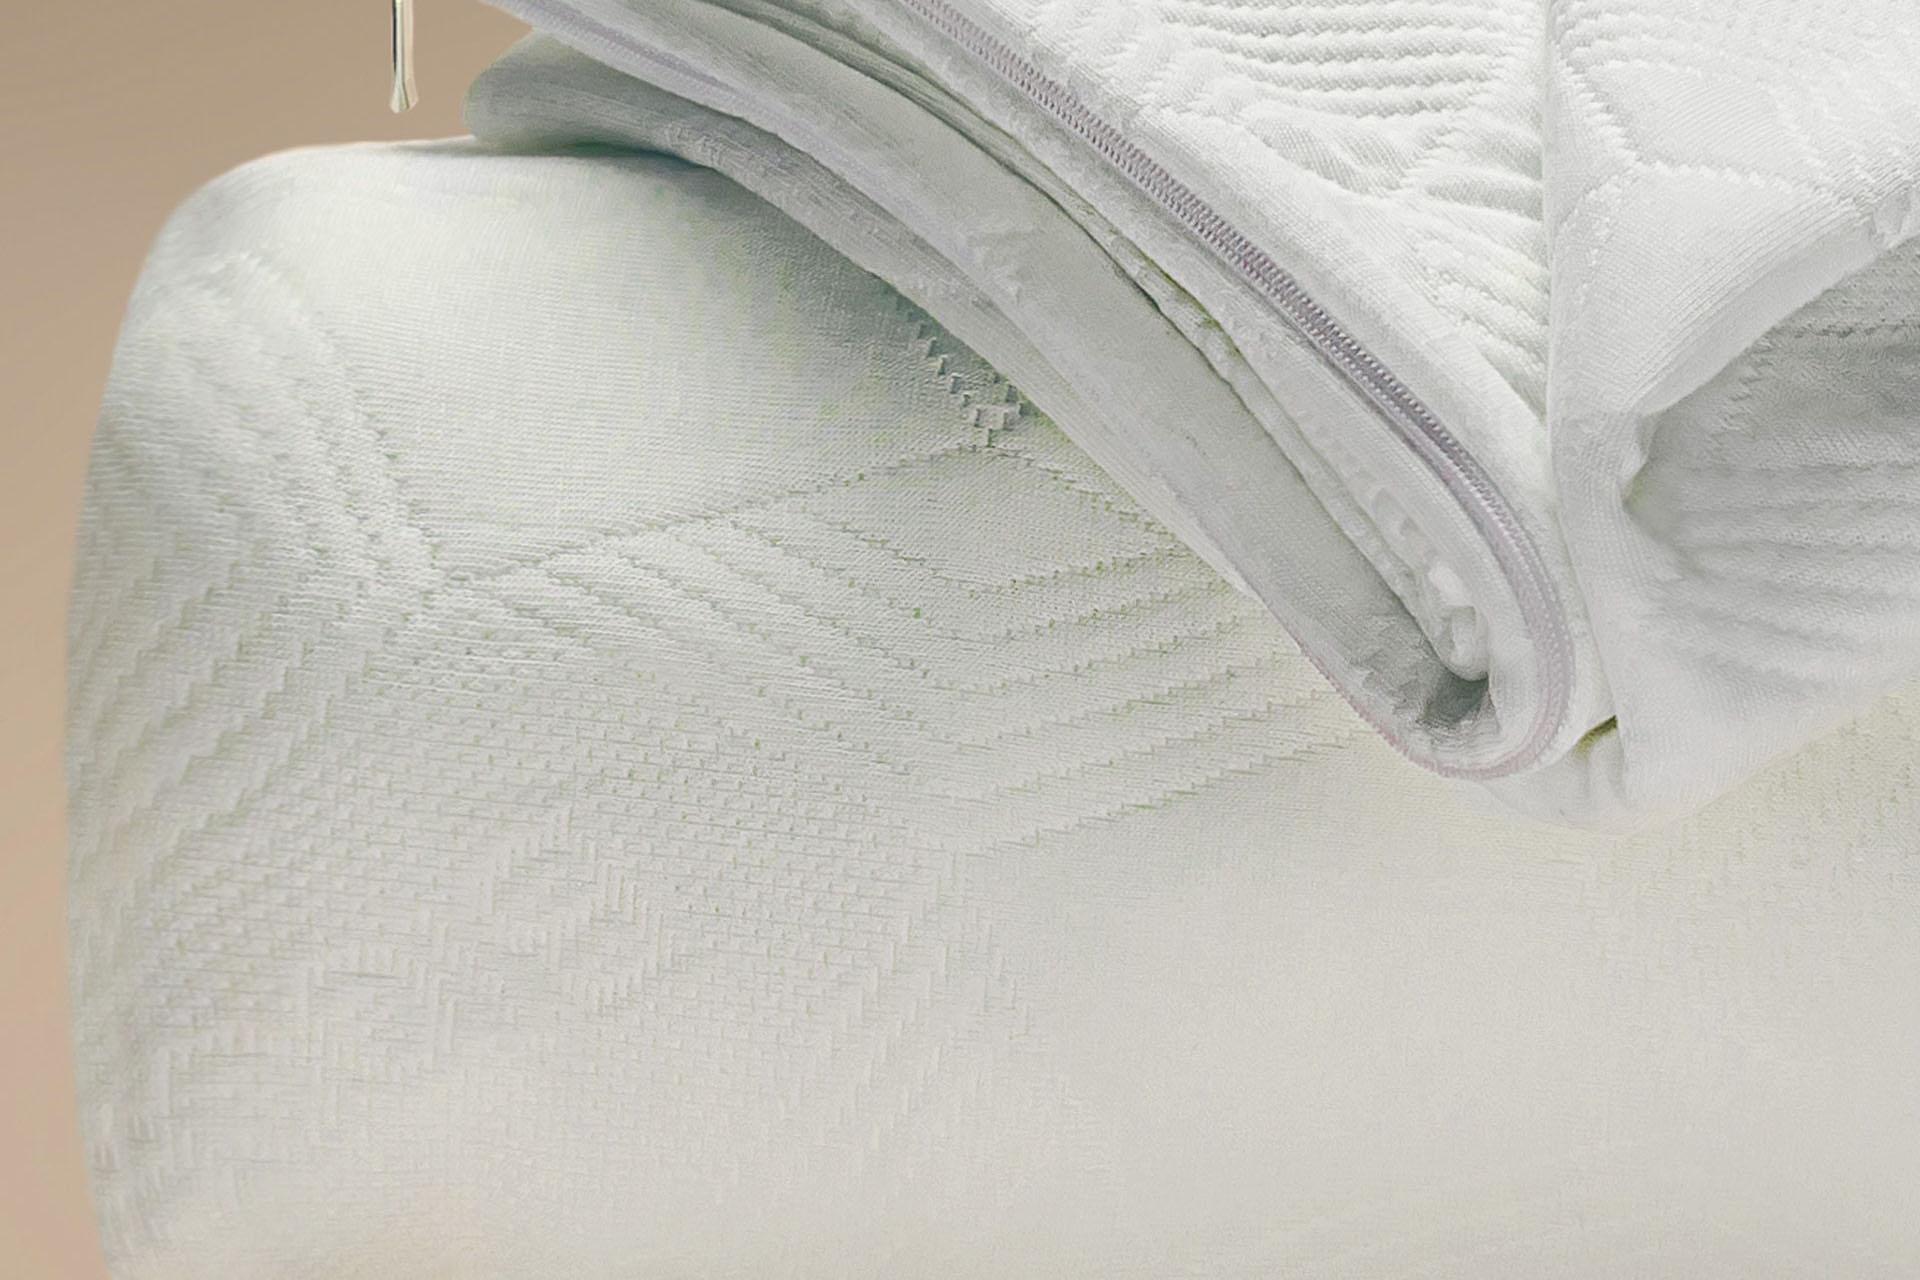 coprimaterasso maglia semi imbottito bioceramic a cappuccio dettaglio